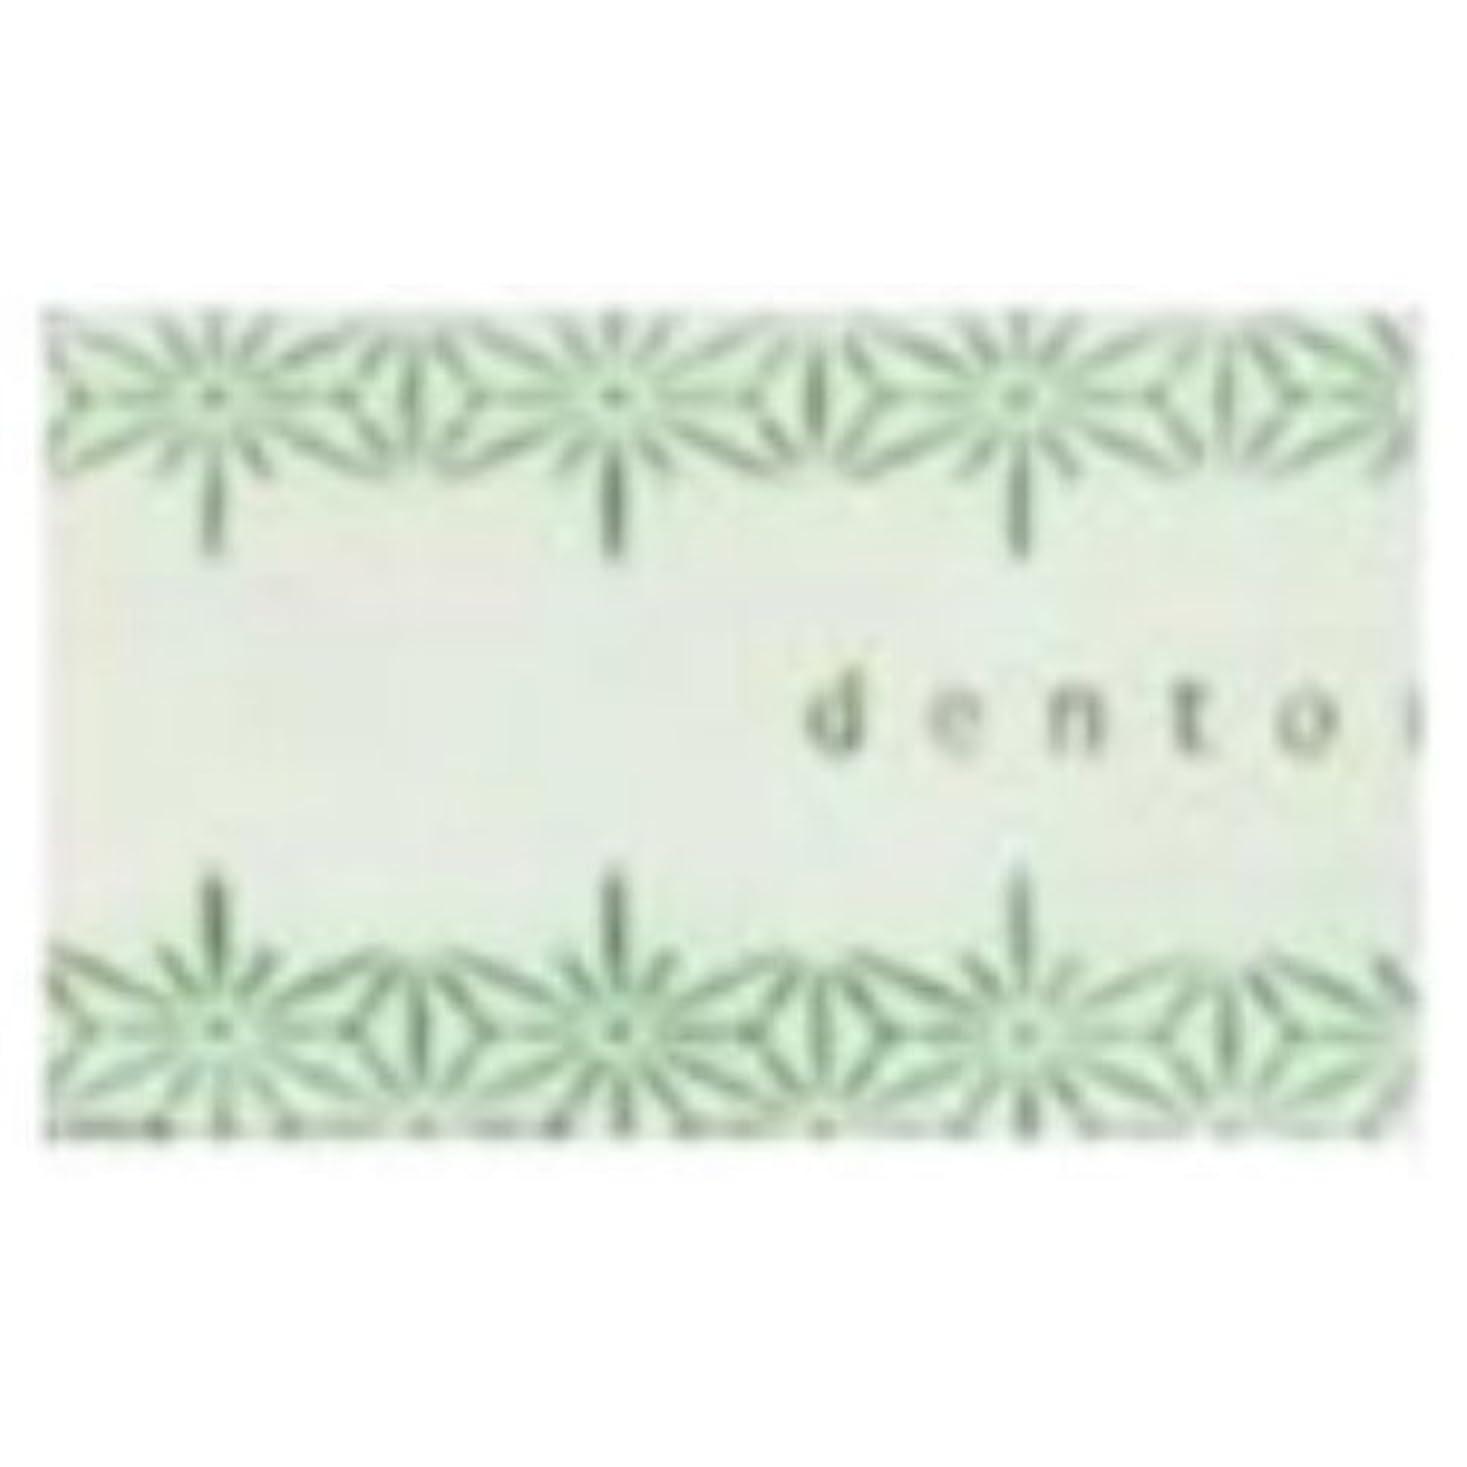 シールド表向きシアー薫寿堂 紙のお香 美香 雅の香り 30枚入